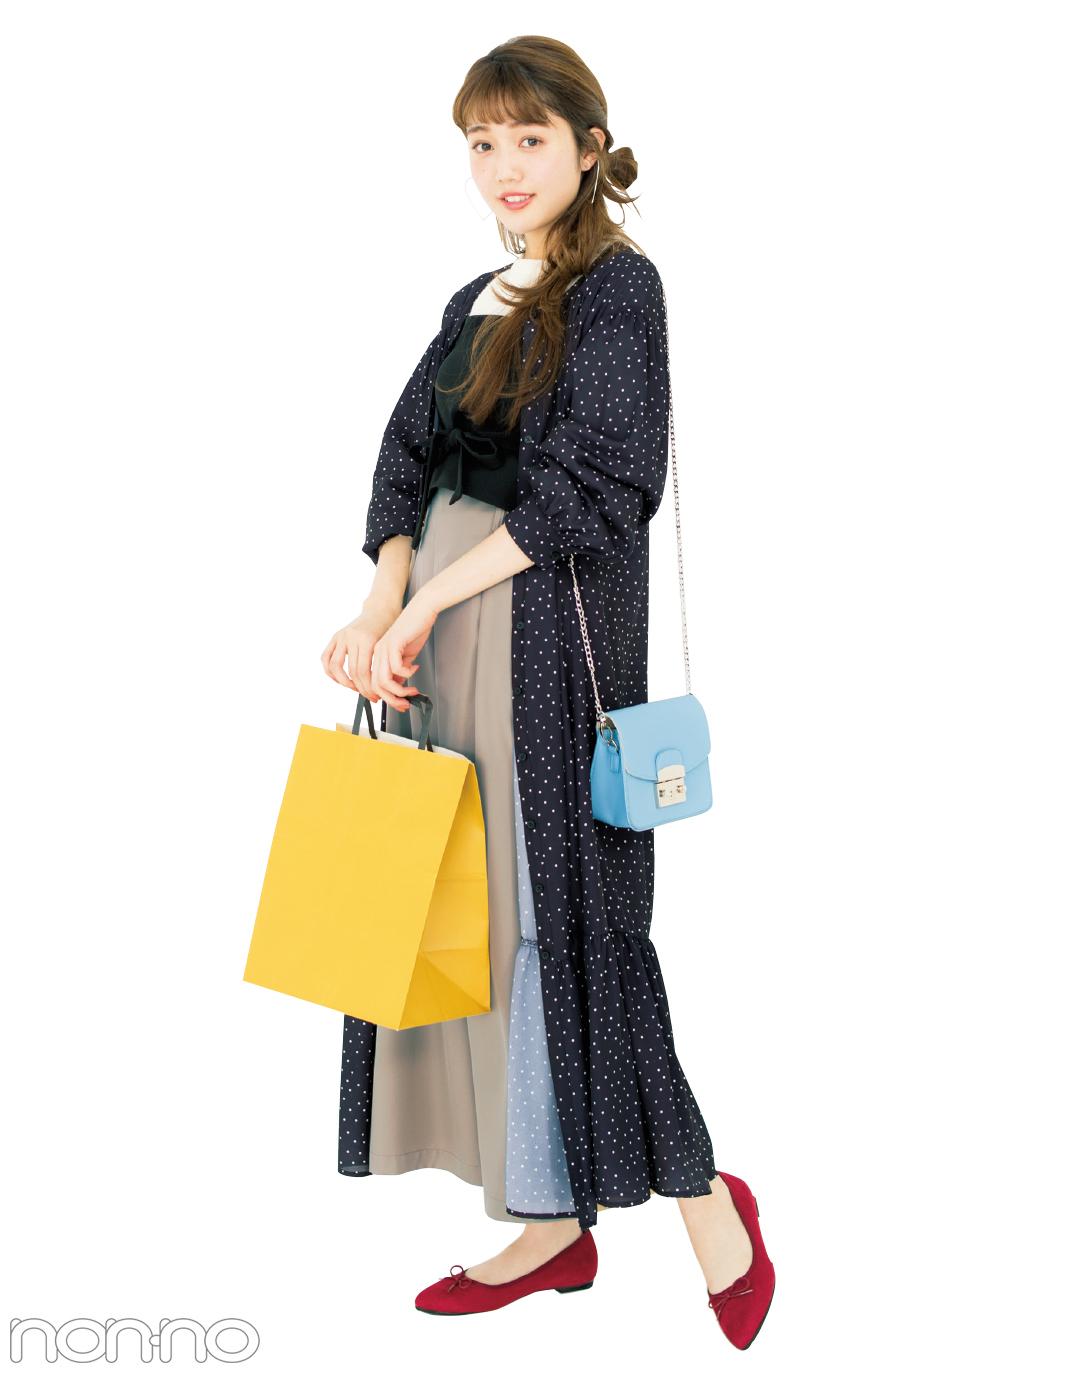 出会いの季節に買いたい♡ マキシ丈の水玉ワンピ、好印象の着回しコーデ3選!_1_2